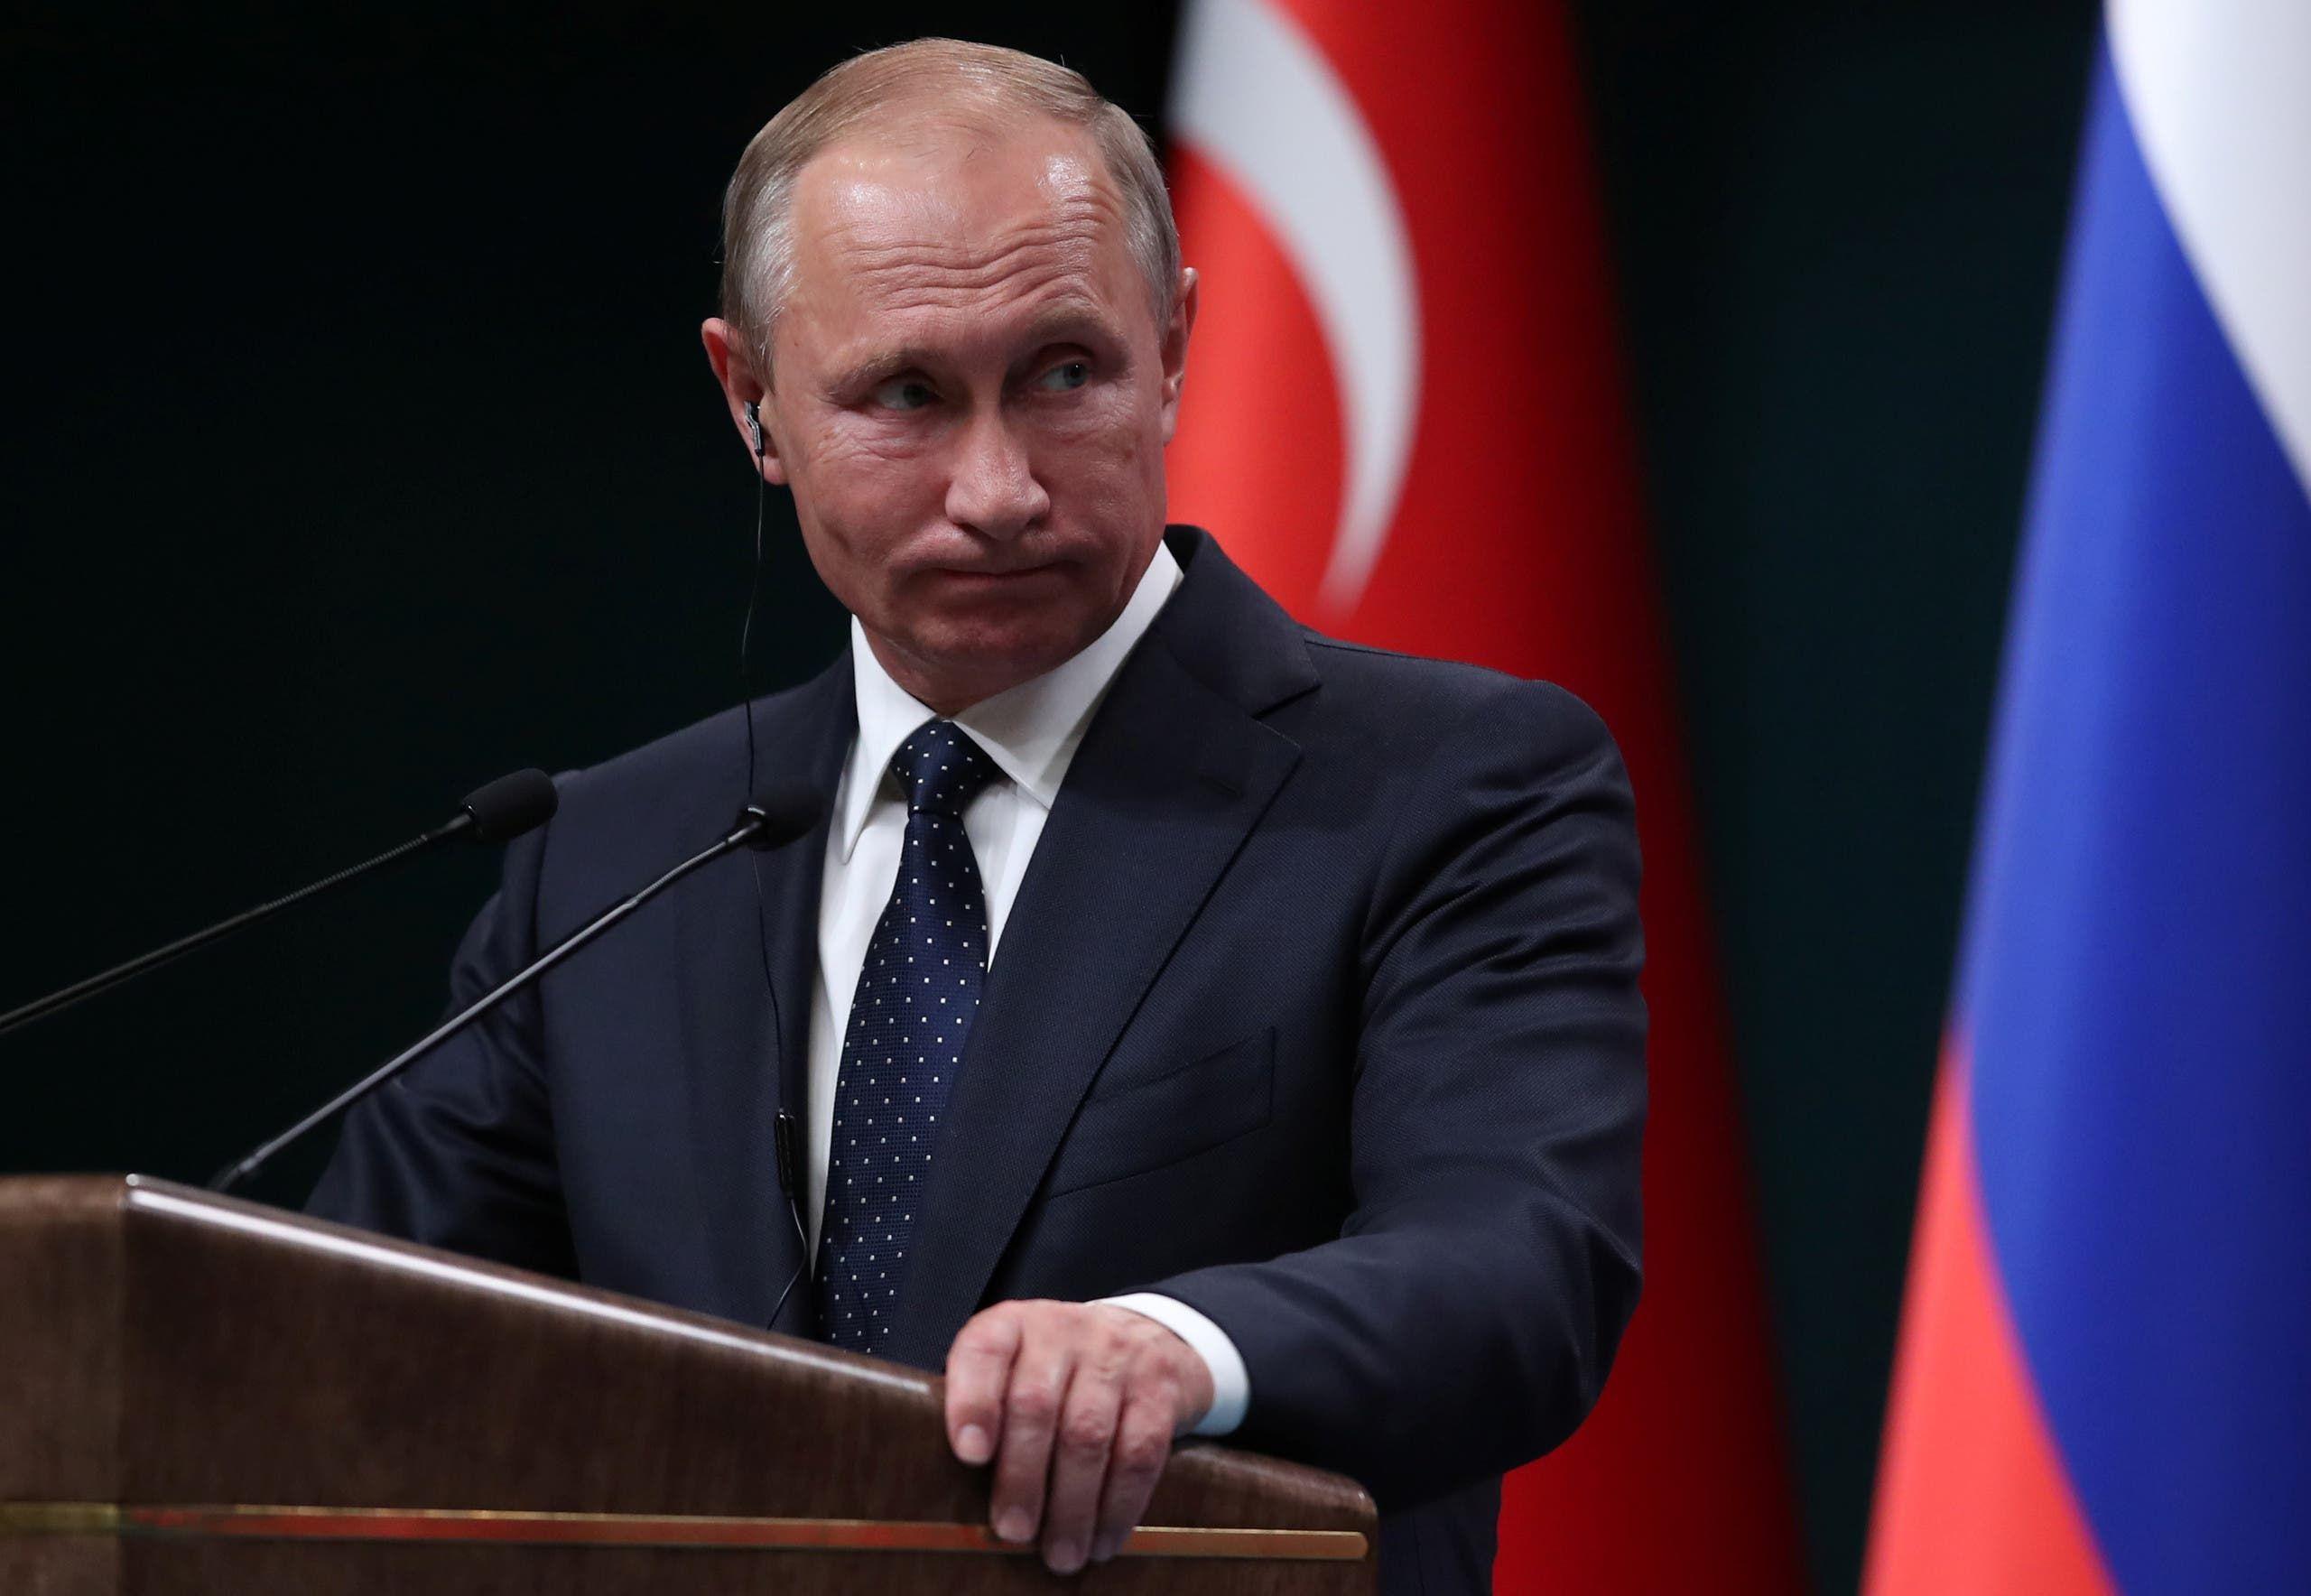 فلاديمير بوتين (رويترز)